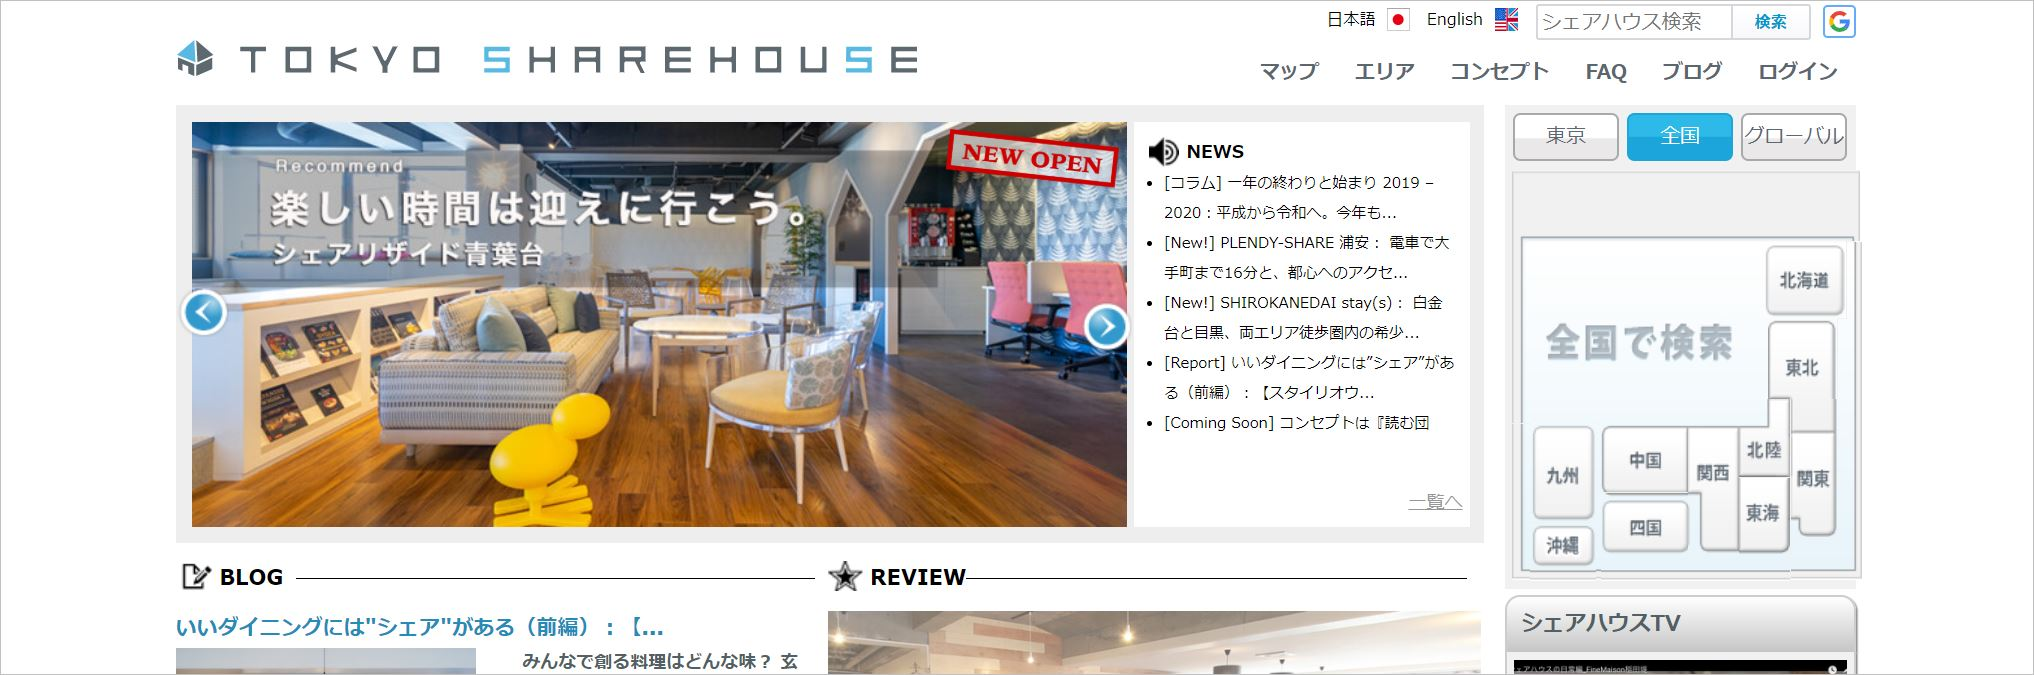 東京シェアハウスのトップ画面